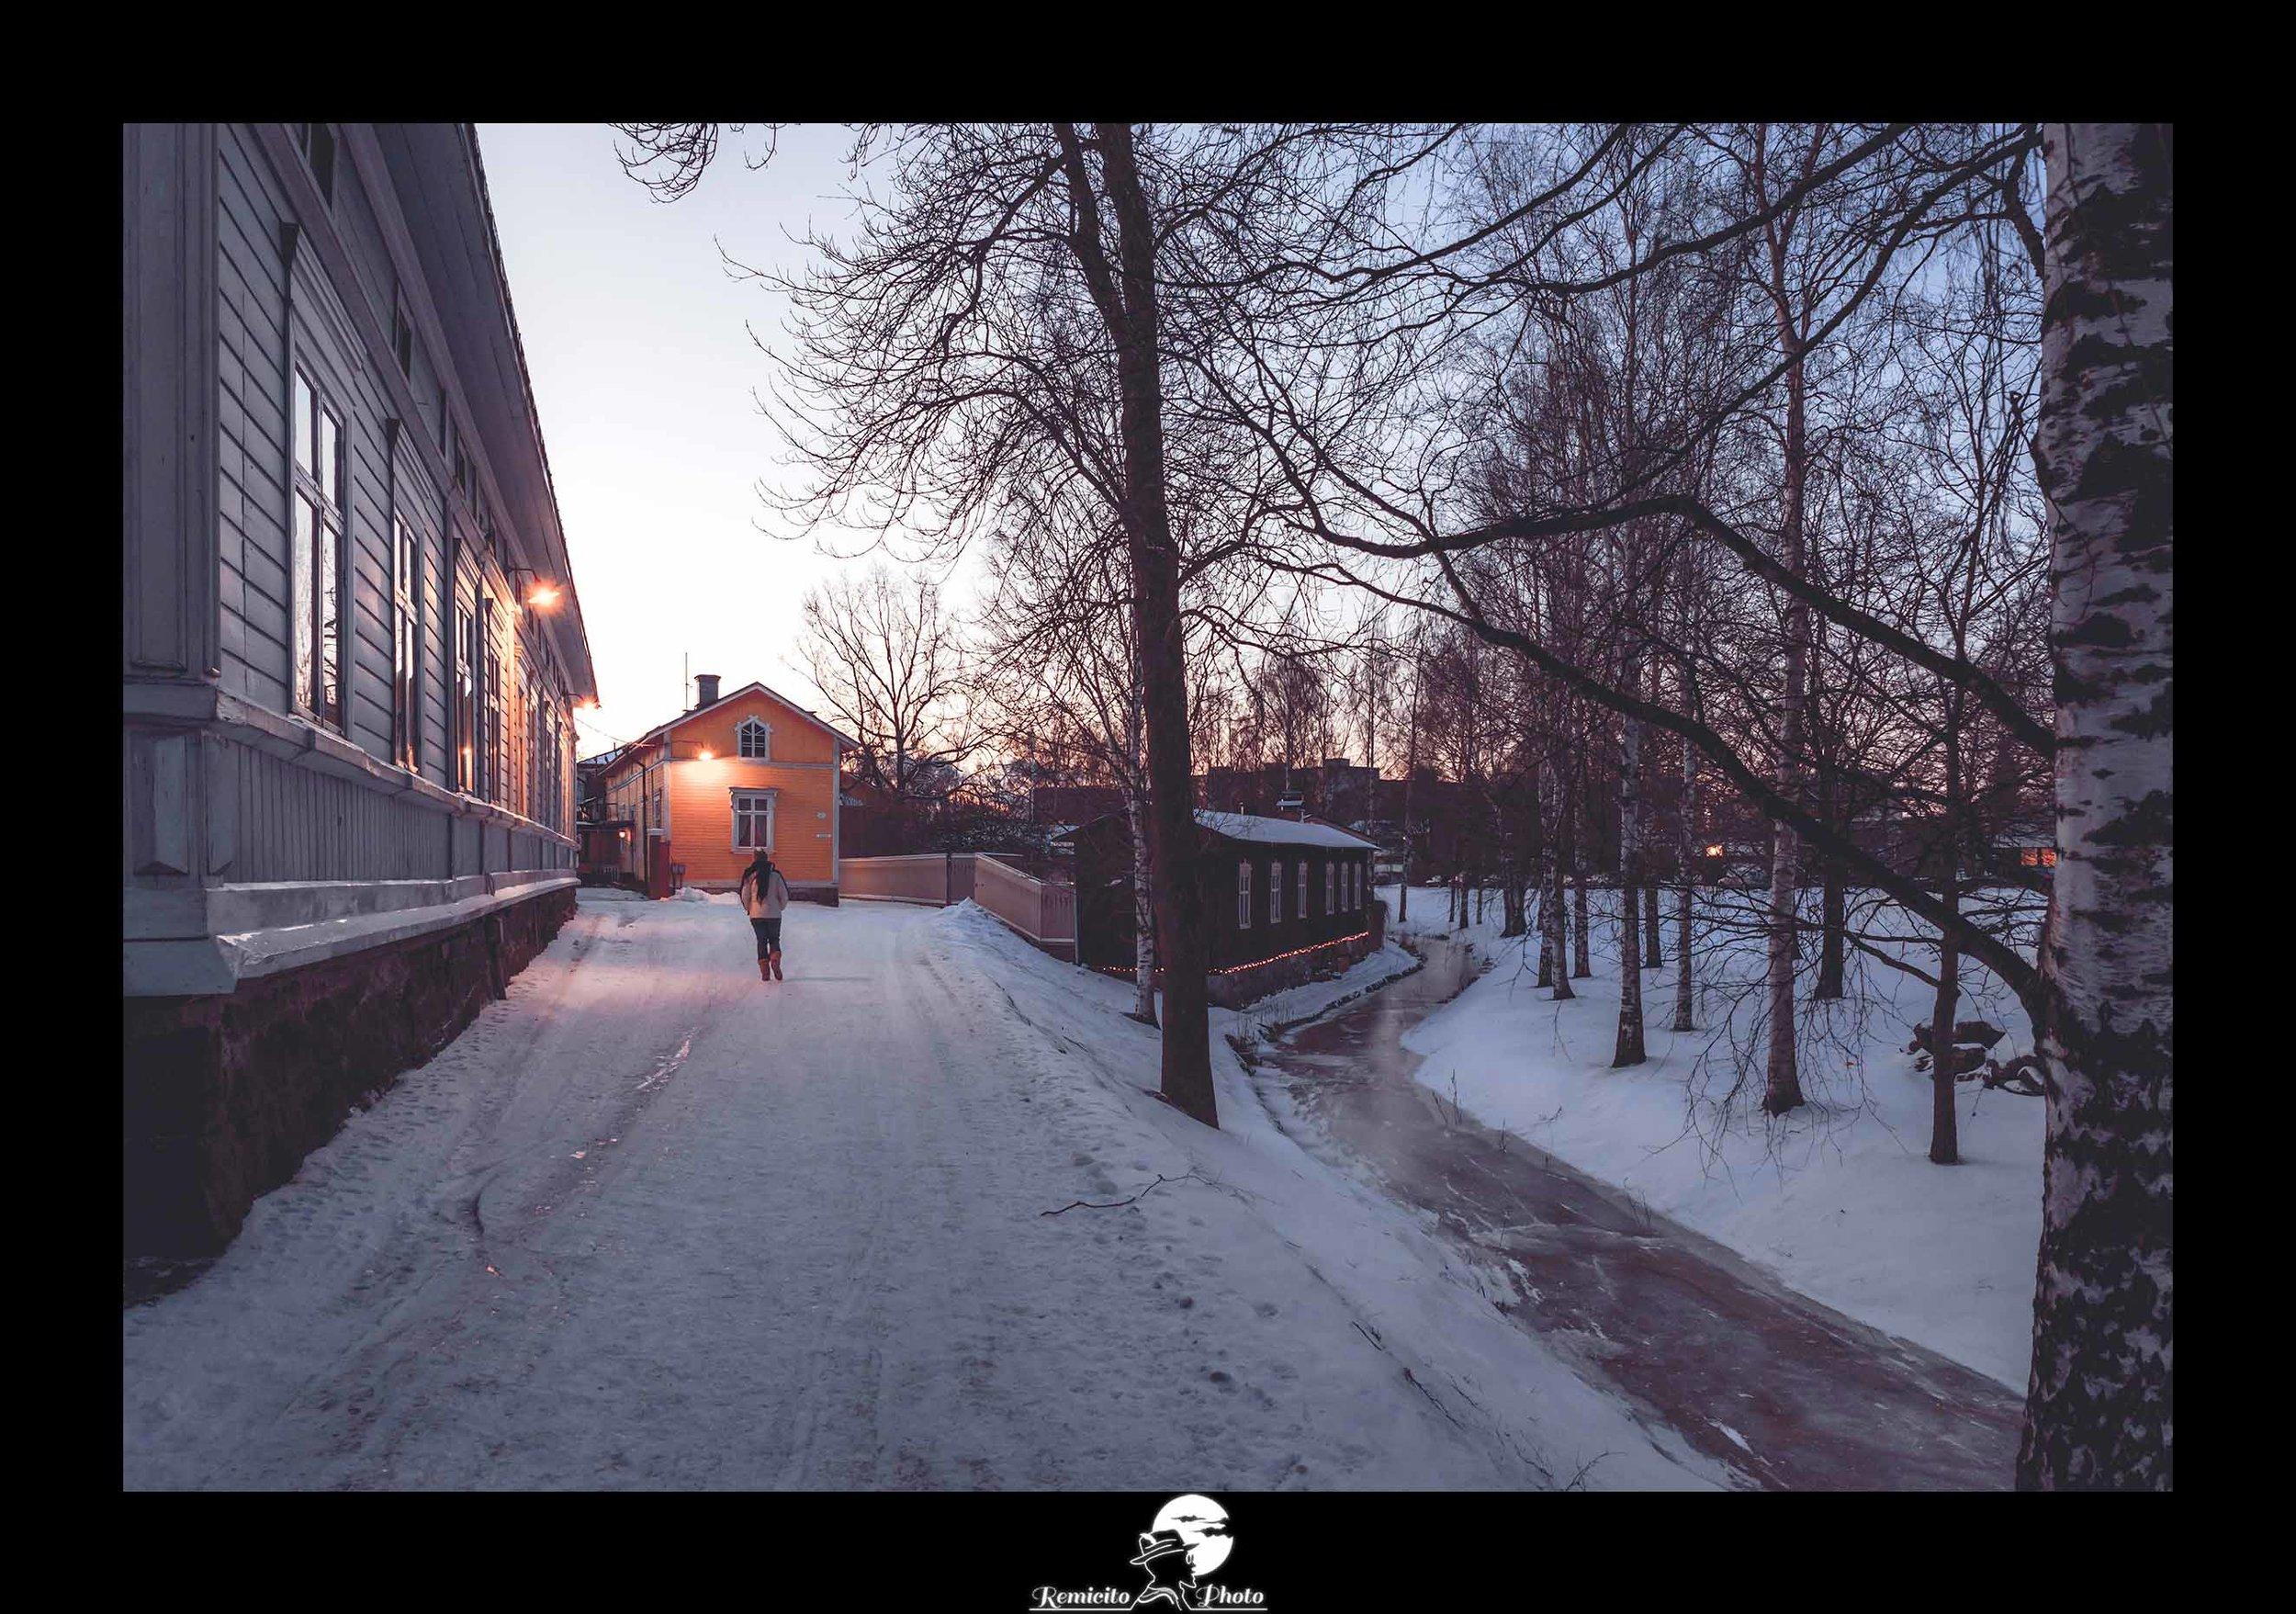 remicito, photoclub paris val-de-bièvre, remicito rémi lacombe, exposition, Rauma finlande photo neige, belle photo idée cadeau photo neige finlande